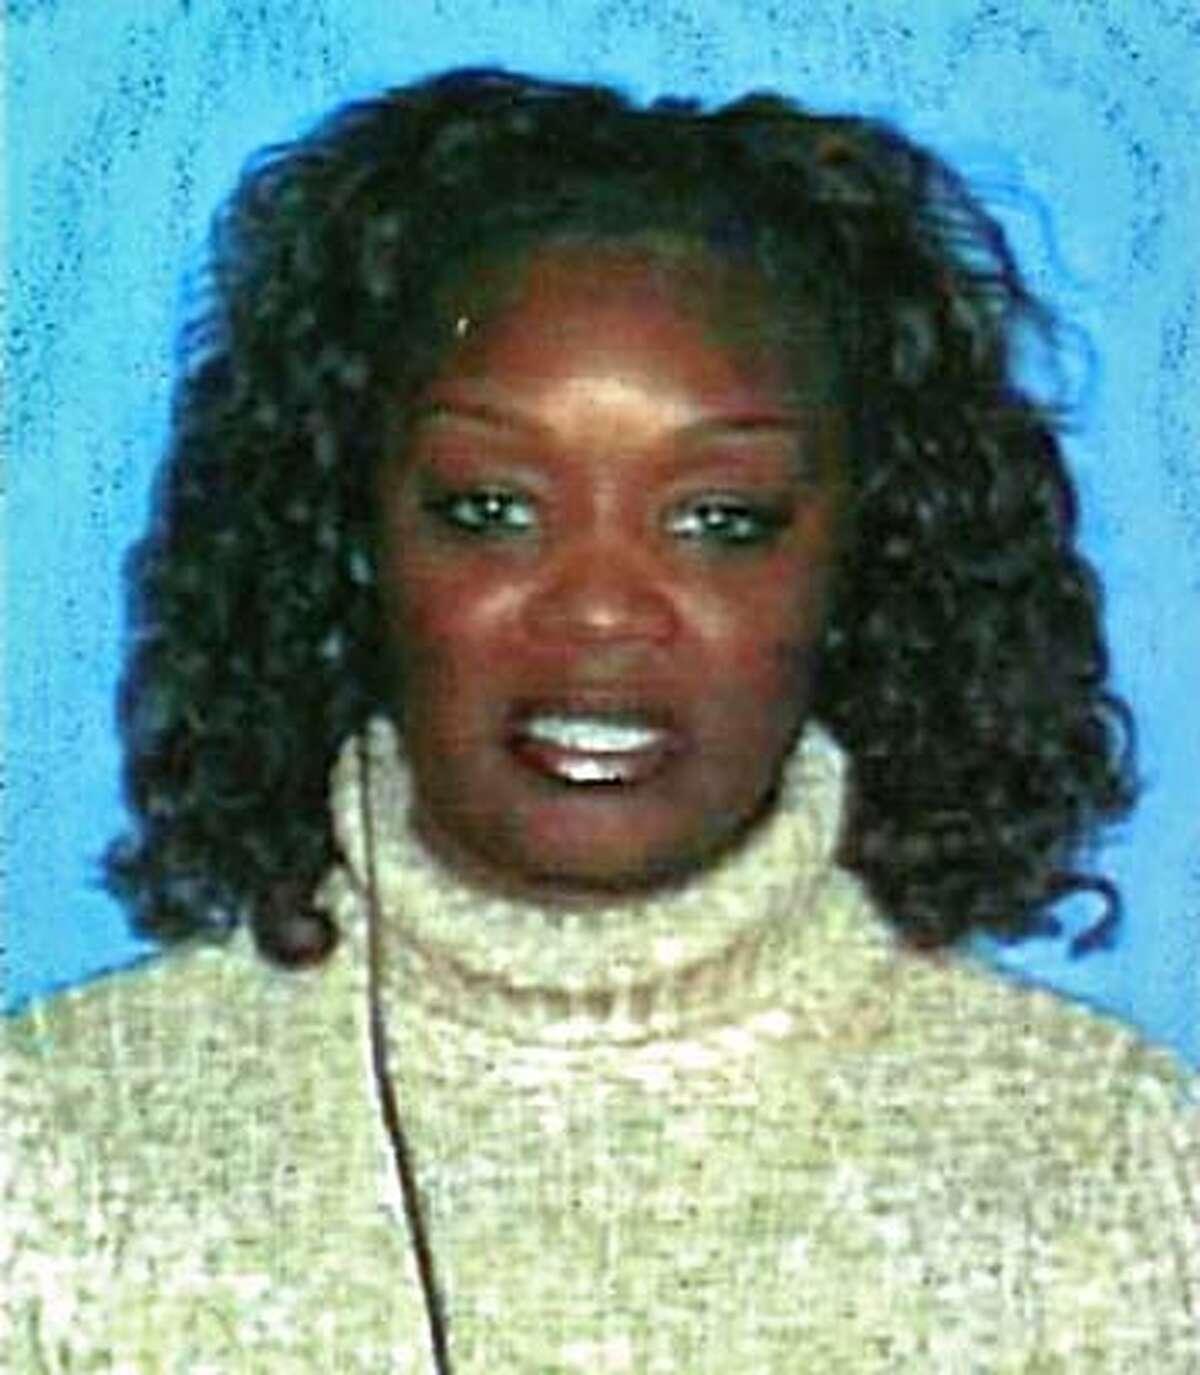 DMV photo of Tanya Jean McCall.